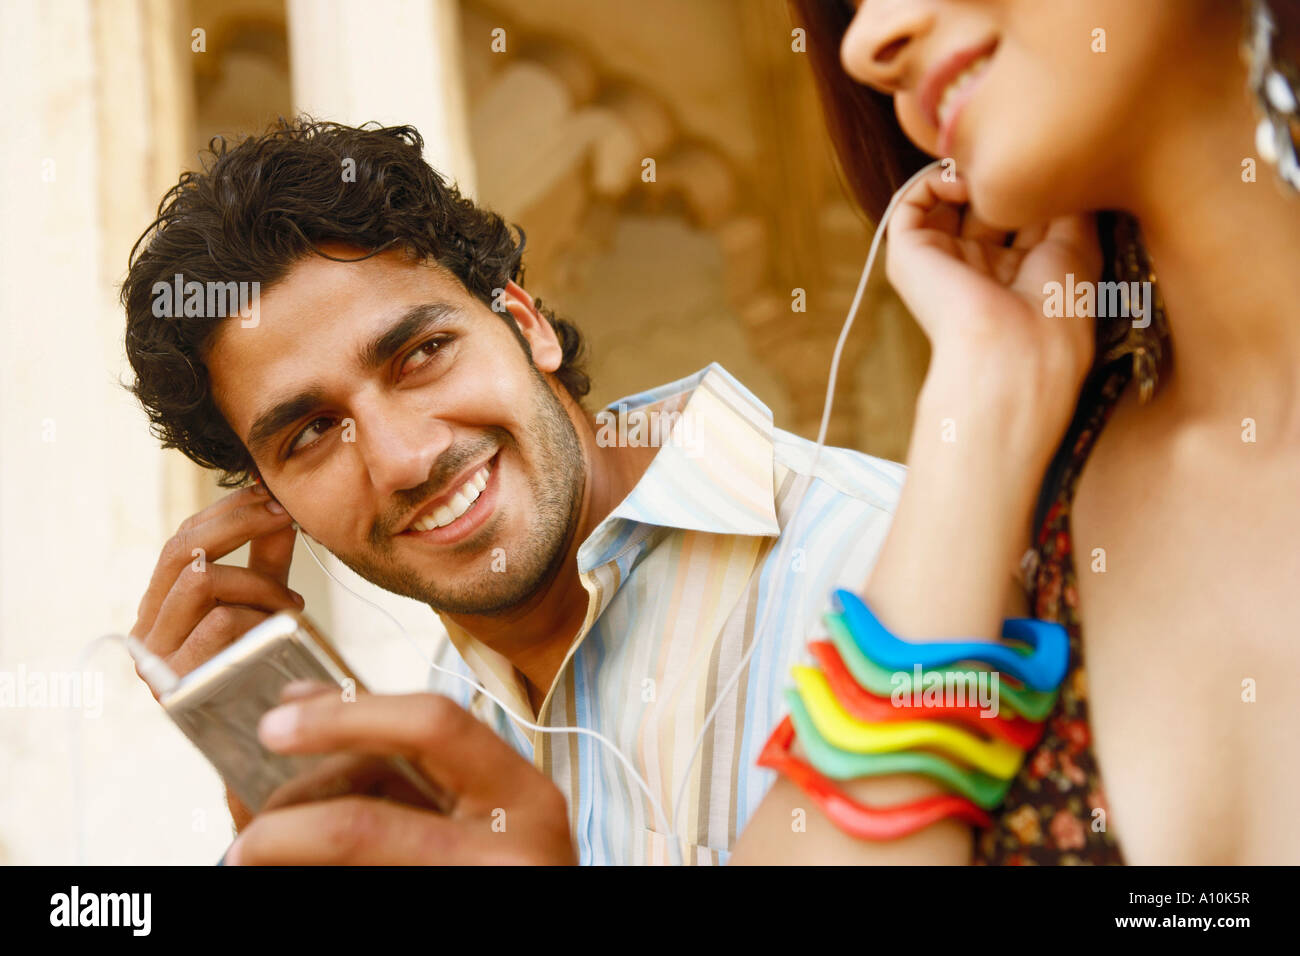 Close-up di una giovane coppia ascoltando musica su cuffie, al Forte di Agra, Agra, Uttar Pradesh, India Immagini Stock